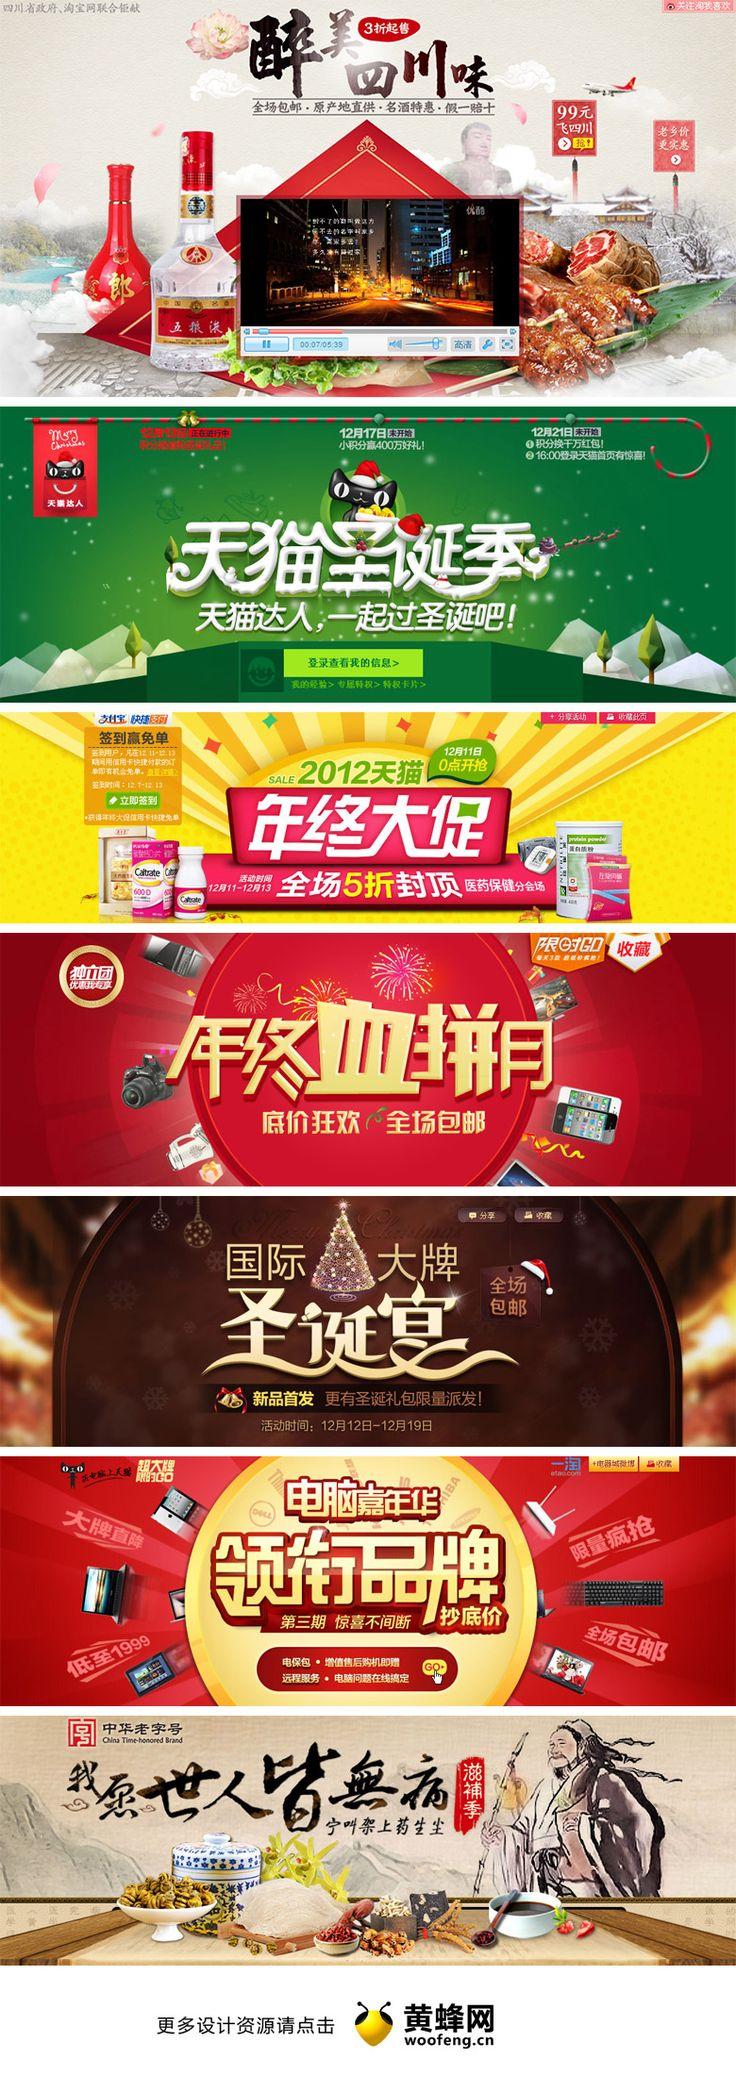 淘宝购物网站专题页面头图设计欣赏0409,来源自黄蜂网http://woofeng.cn/advertising/